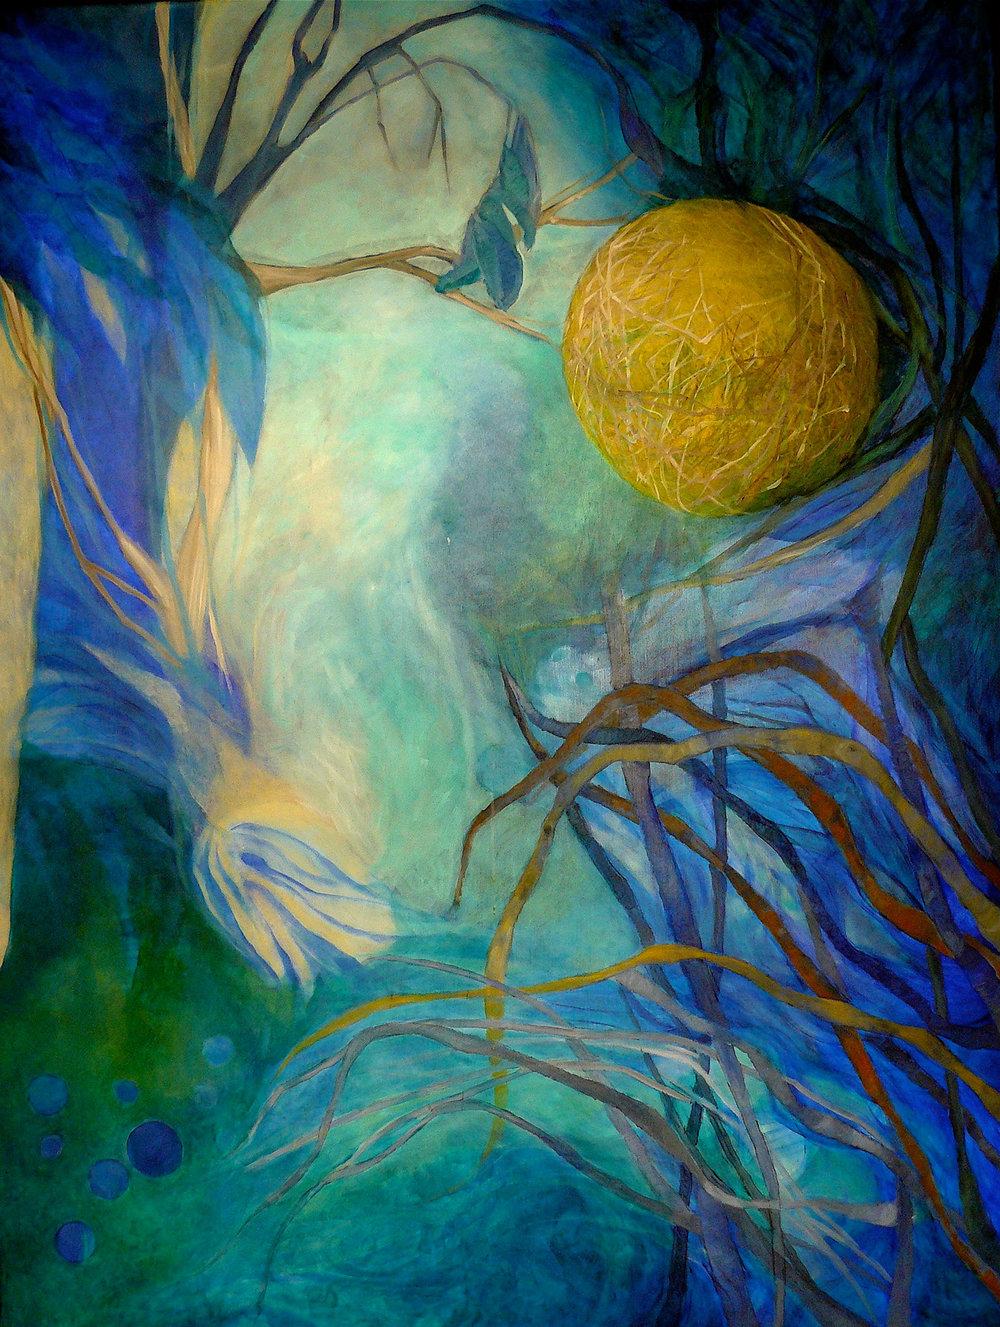 El sonido del sol  Òleo sobre tela - 160 x 120 cm